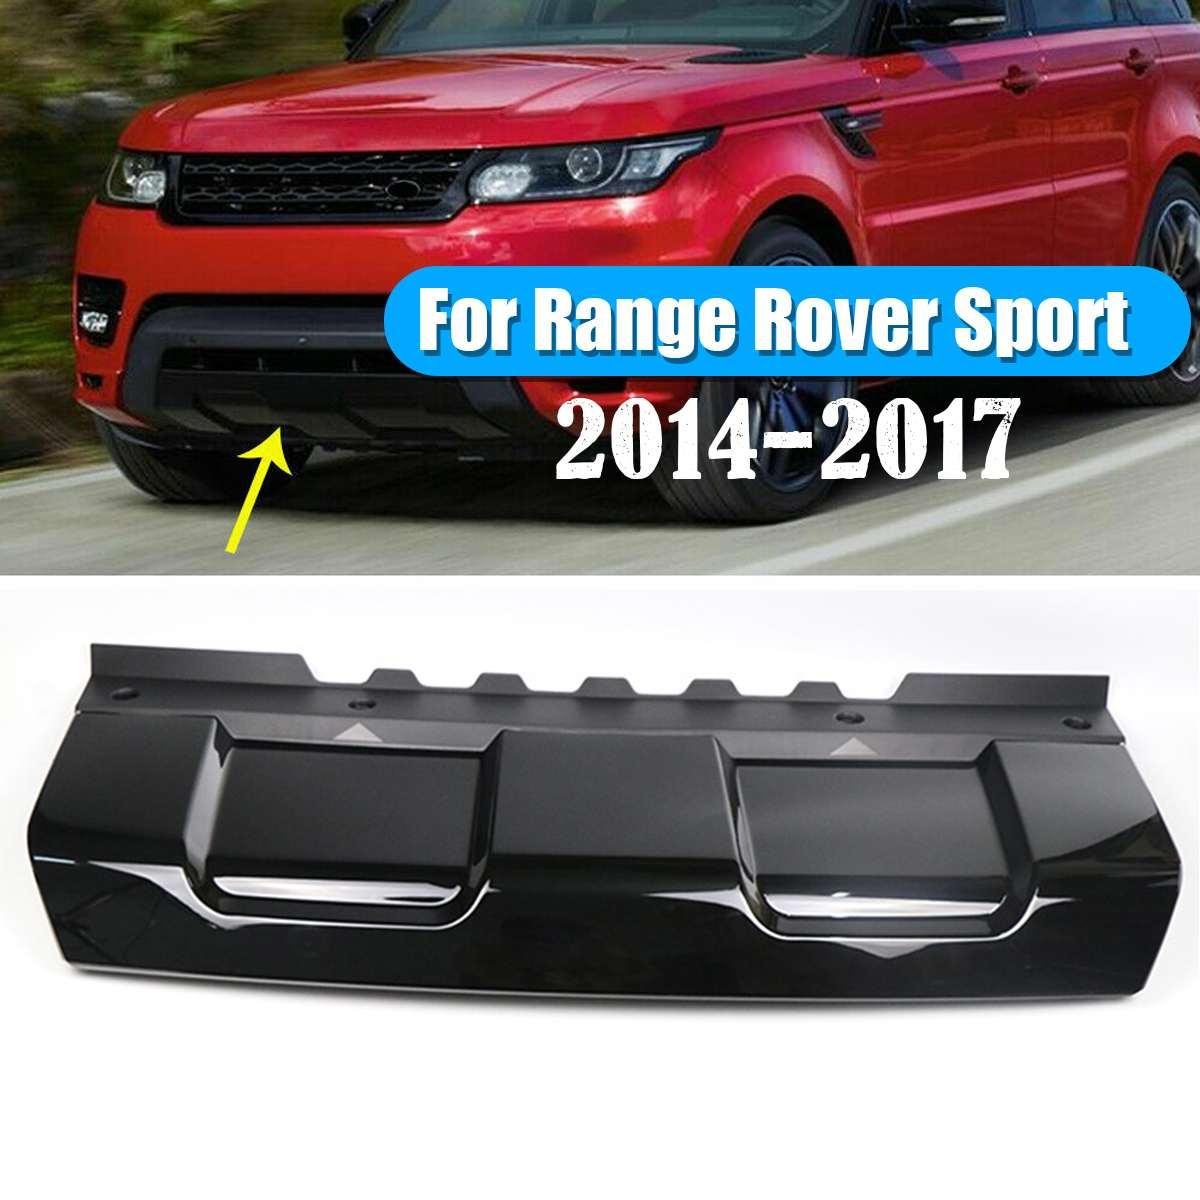 Moulures avant ABS plaque de protection pare-chocs garniture pour Range Rover Sport 2014-2017